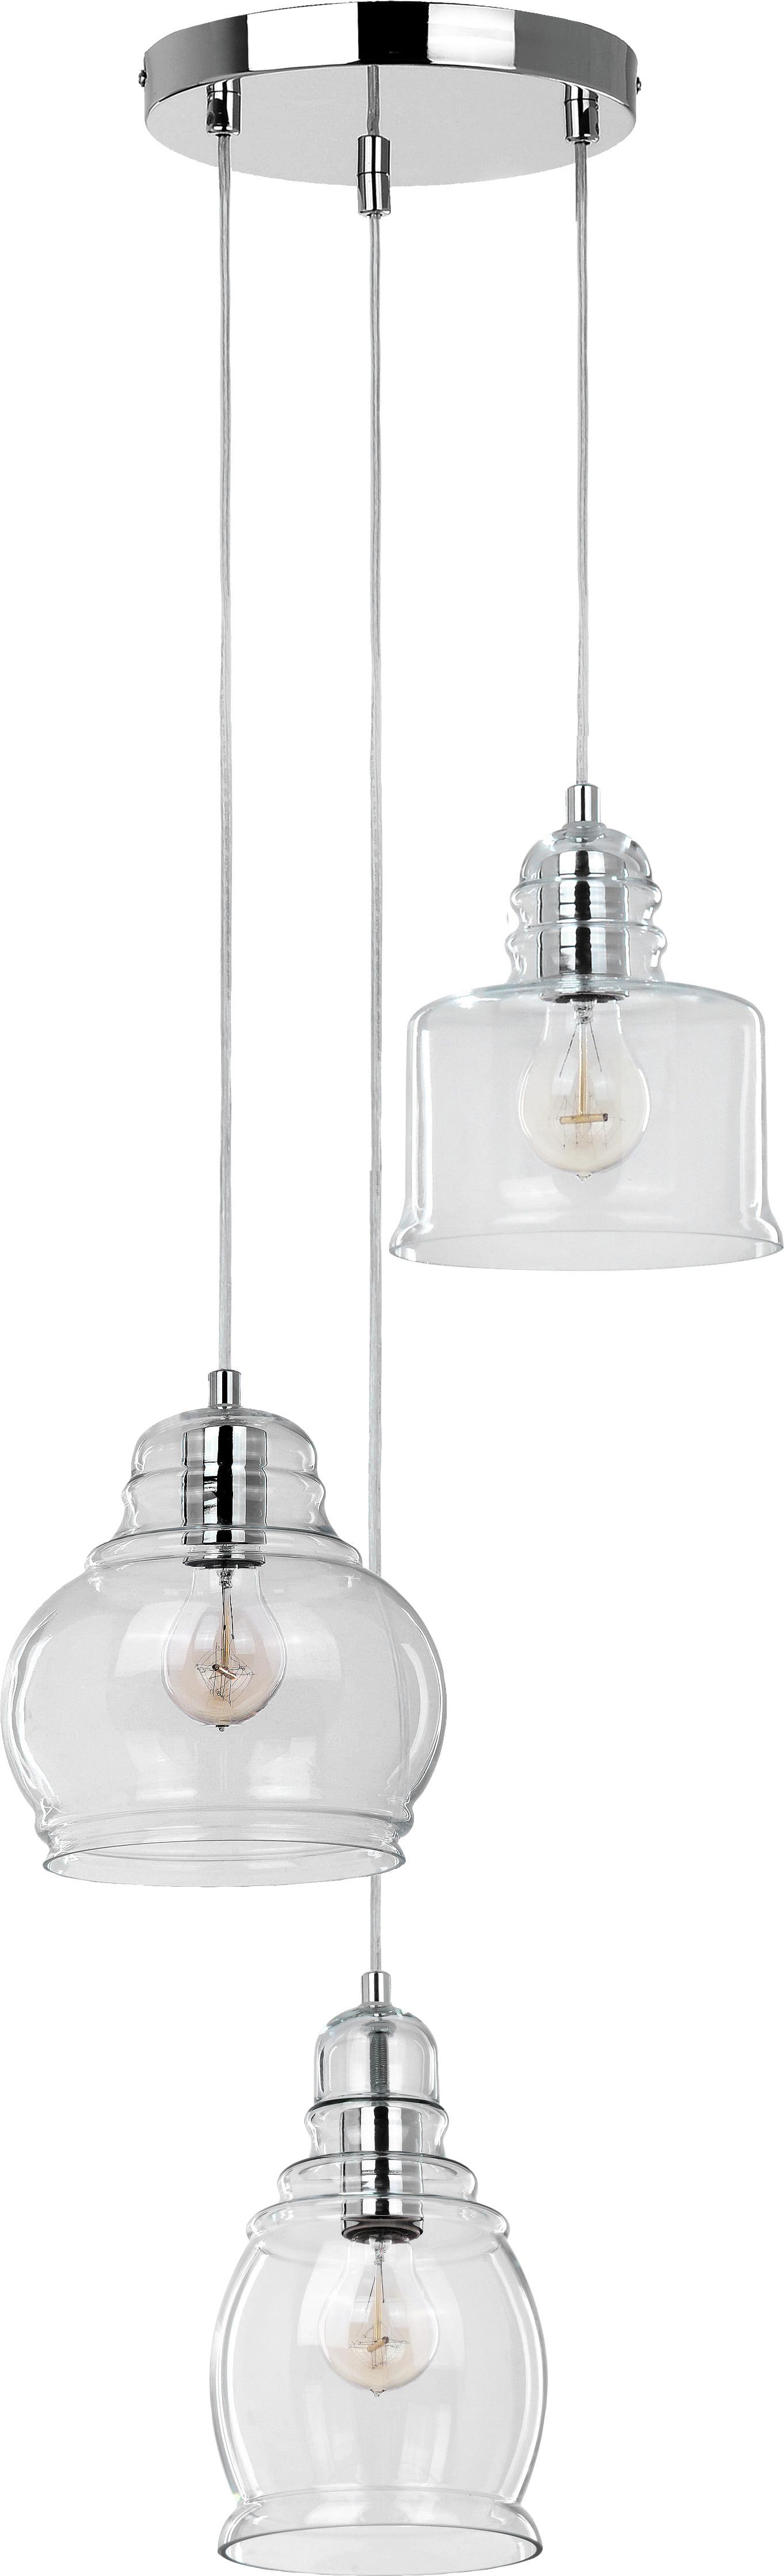 klosz szklany do lampy wiszącej sklep stacjonarny